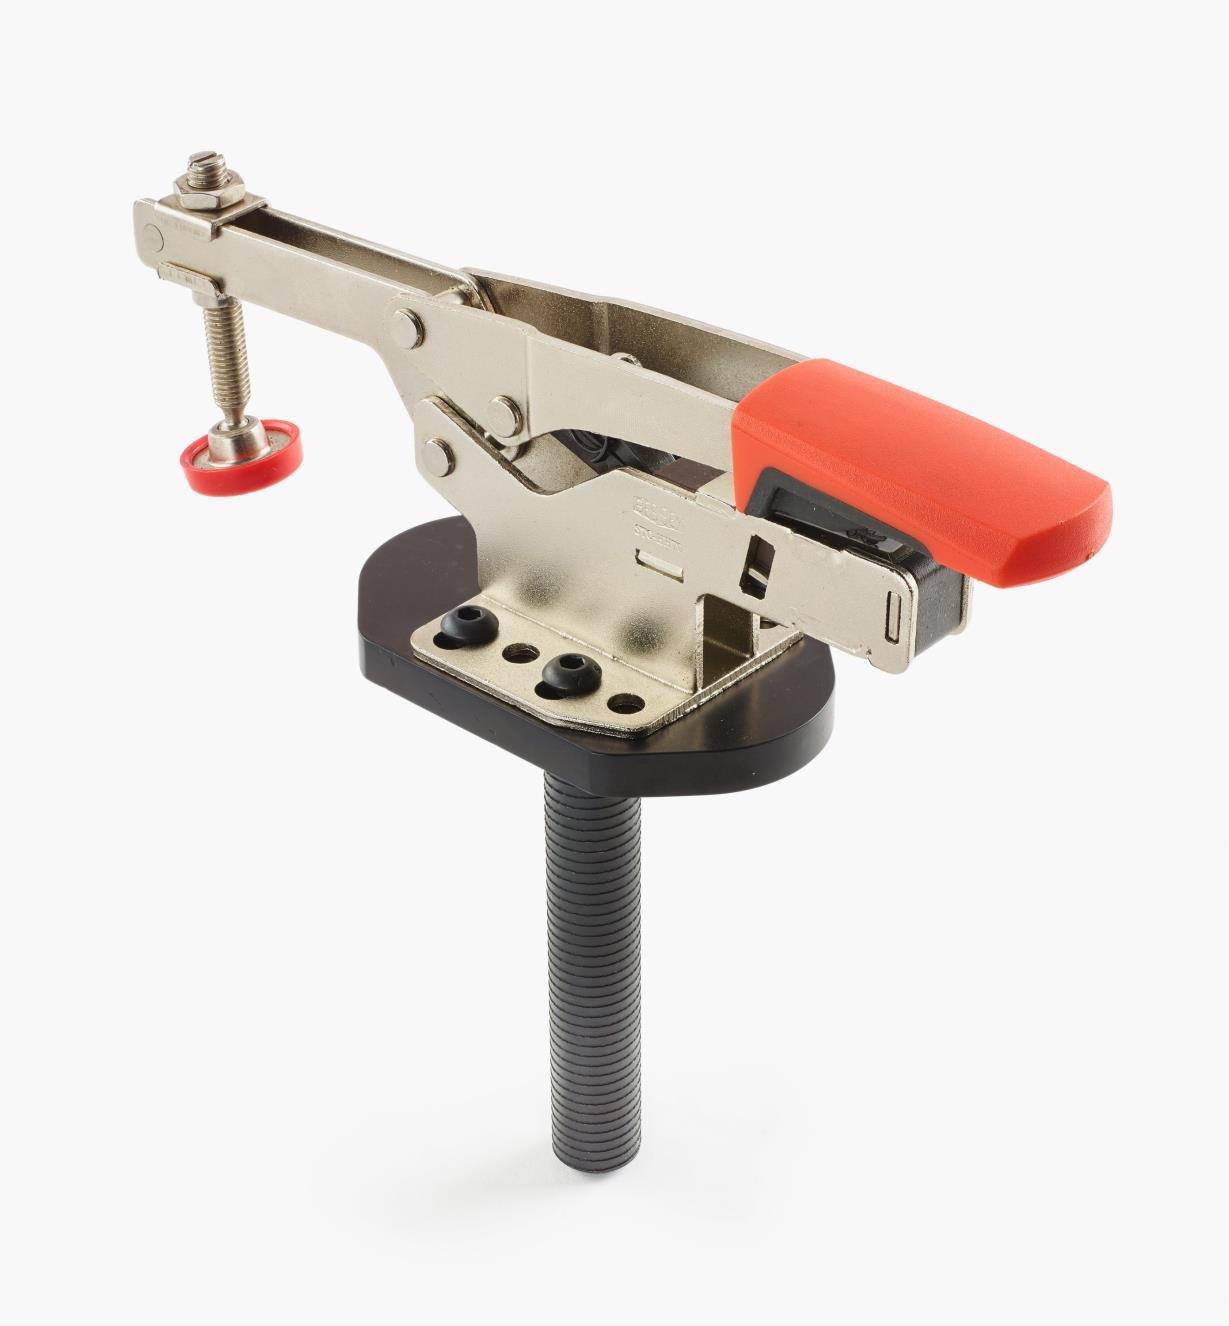 50F0112 - Sauterelle horizontale autoréglable, modèle haut, avec plaque de fixation, tige de 3/4po